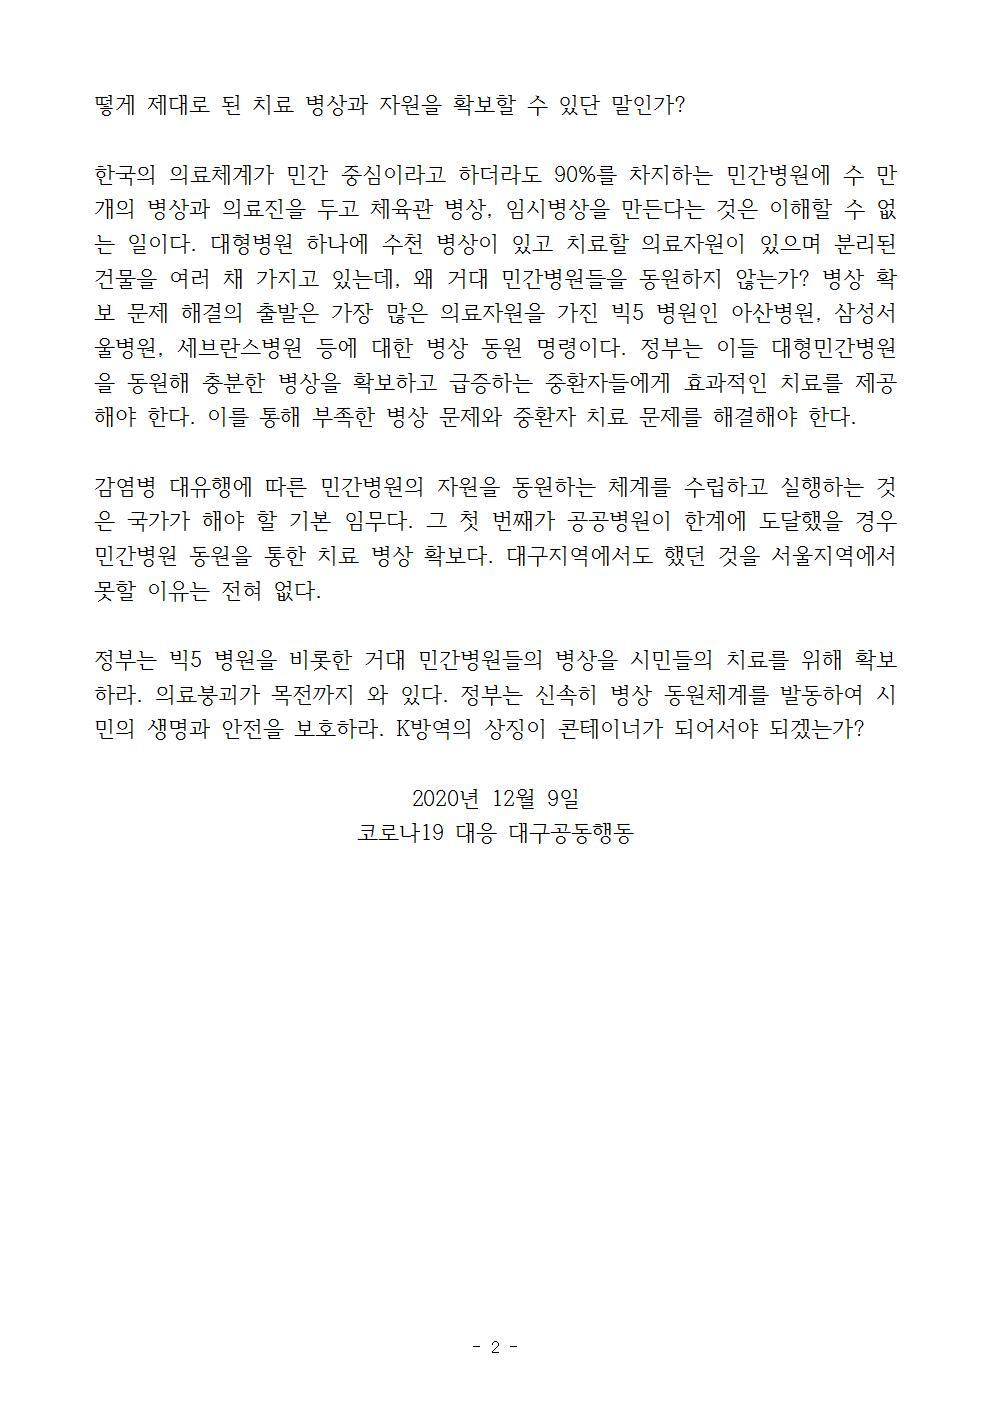 201209_정부와서울시는민간병원병상을동원하라002.jpg